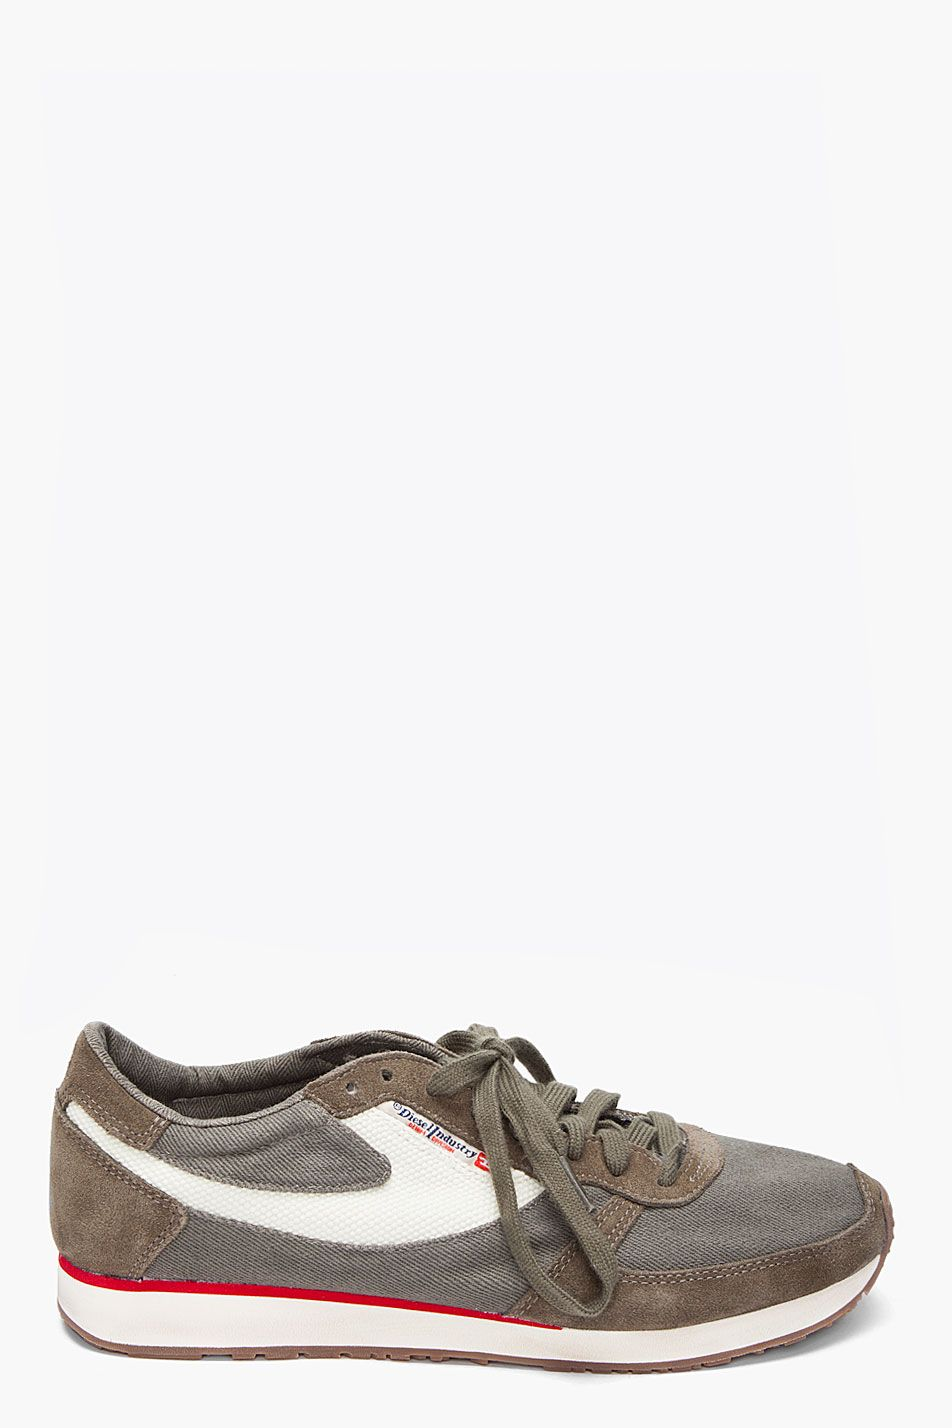 Fast Delivery Diesel Men Sneakers Sneakers Diesel mens Dove grey DIESEL Mens Sneakers